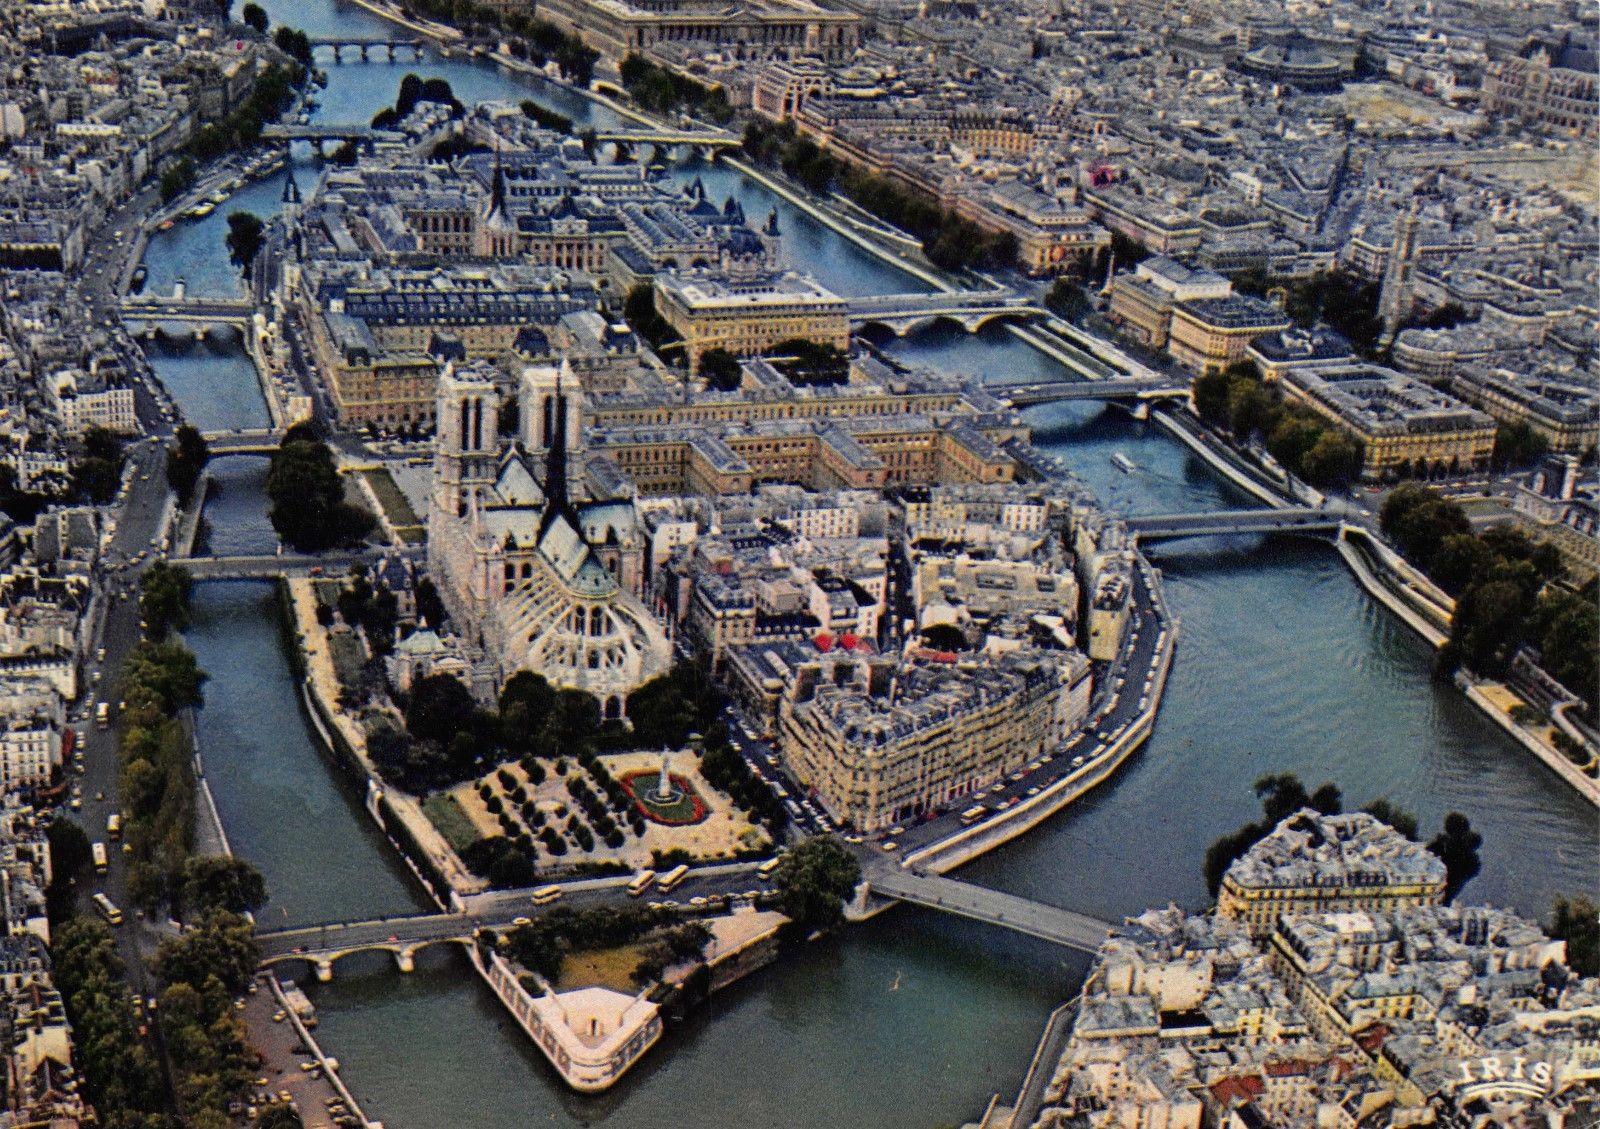 Postcard PARIS Aerial view of Ile de la Cite and Notre-Dame, France B39 / HipPostcard